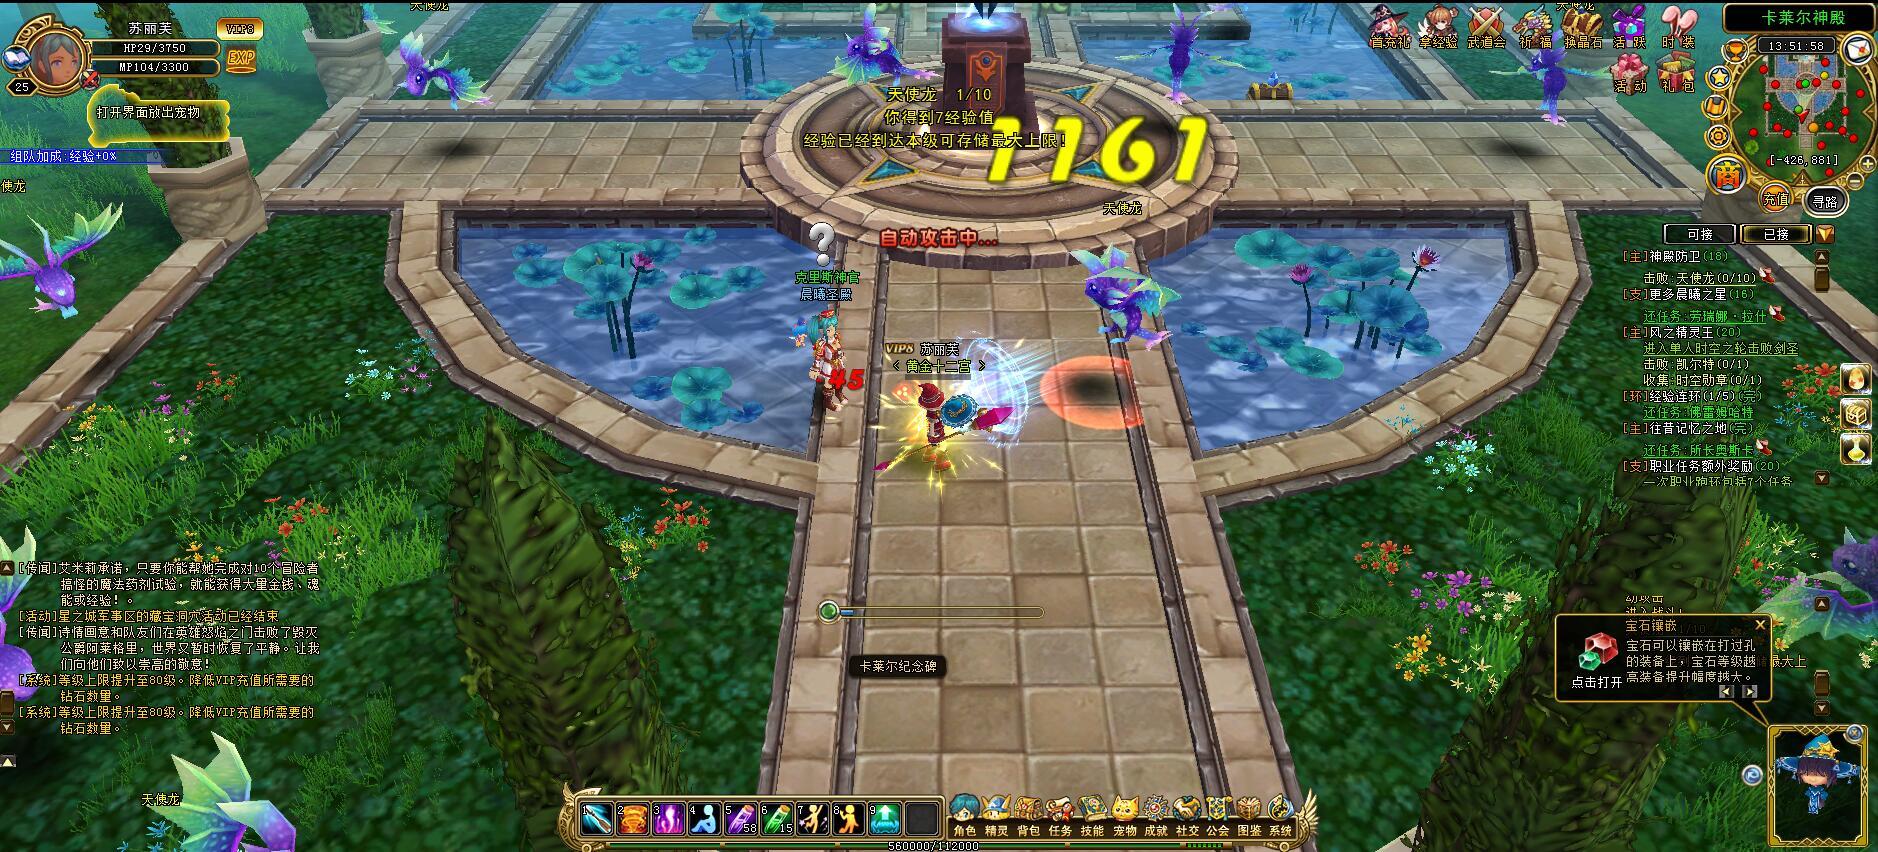 《魔法联盟》游戏截图